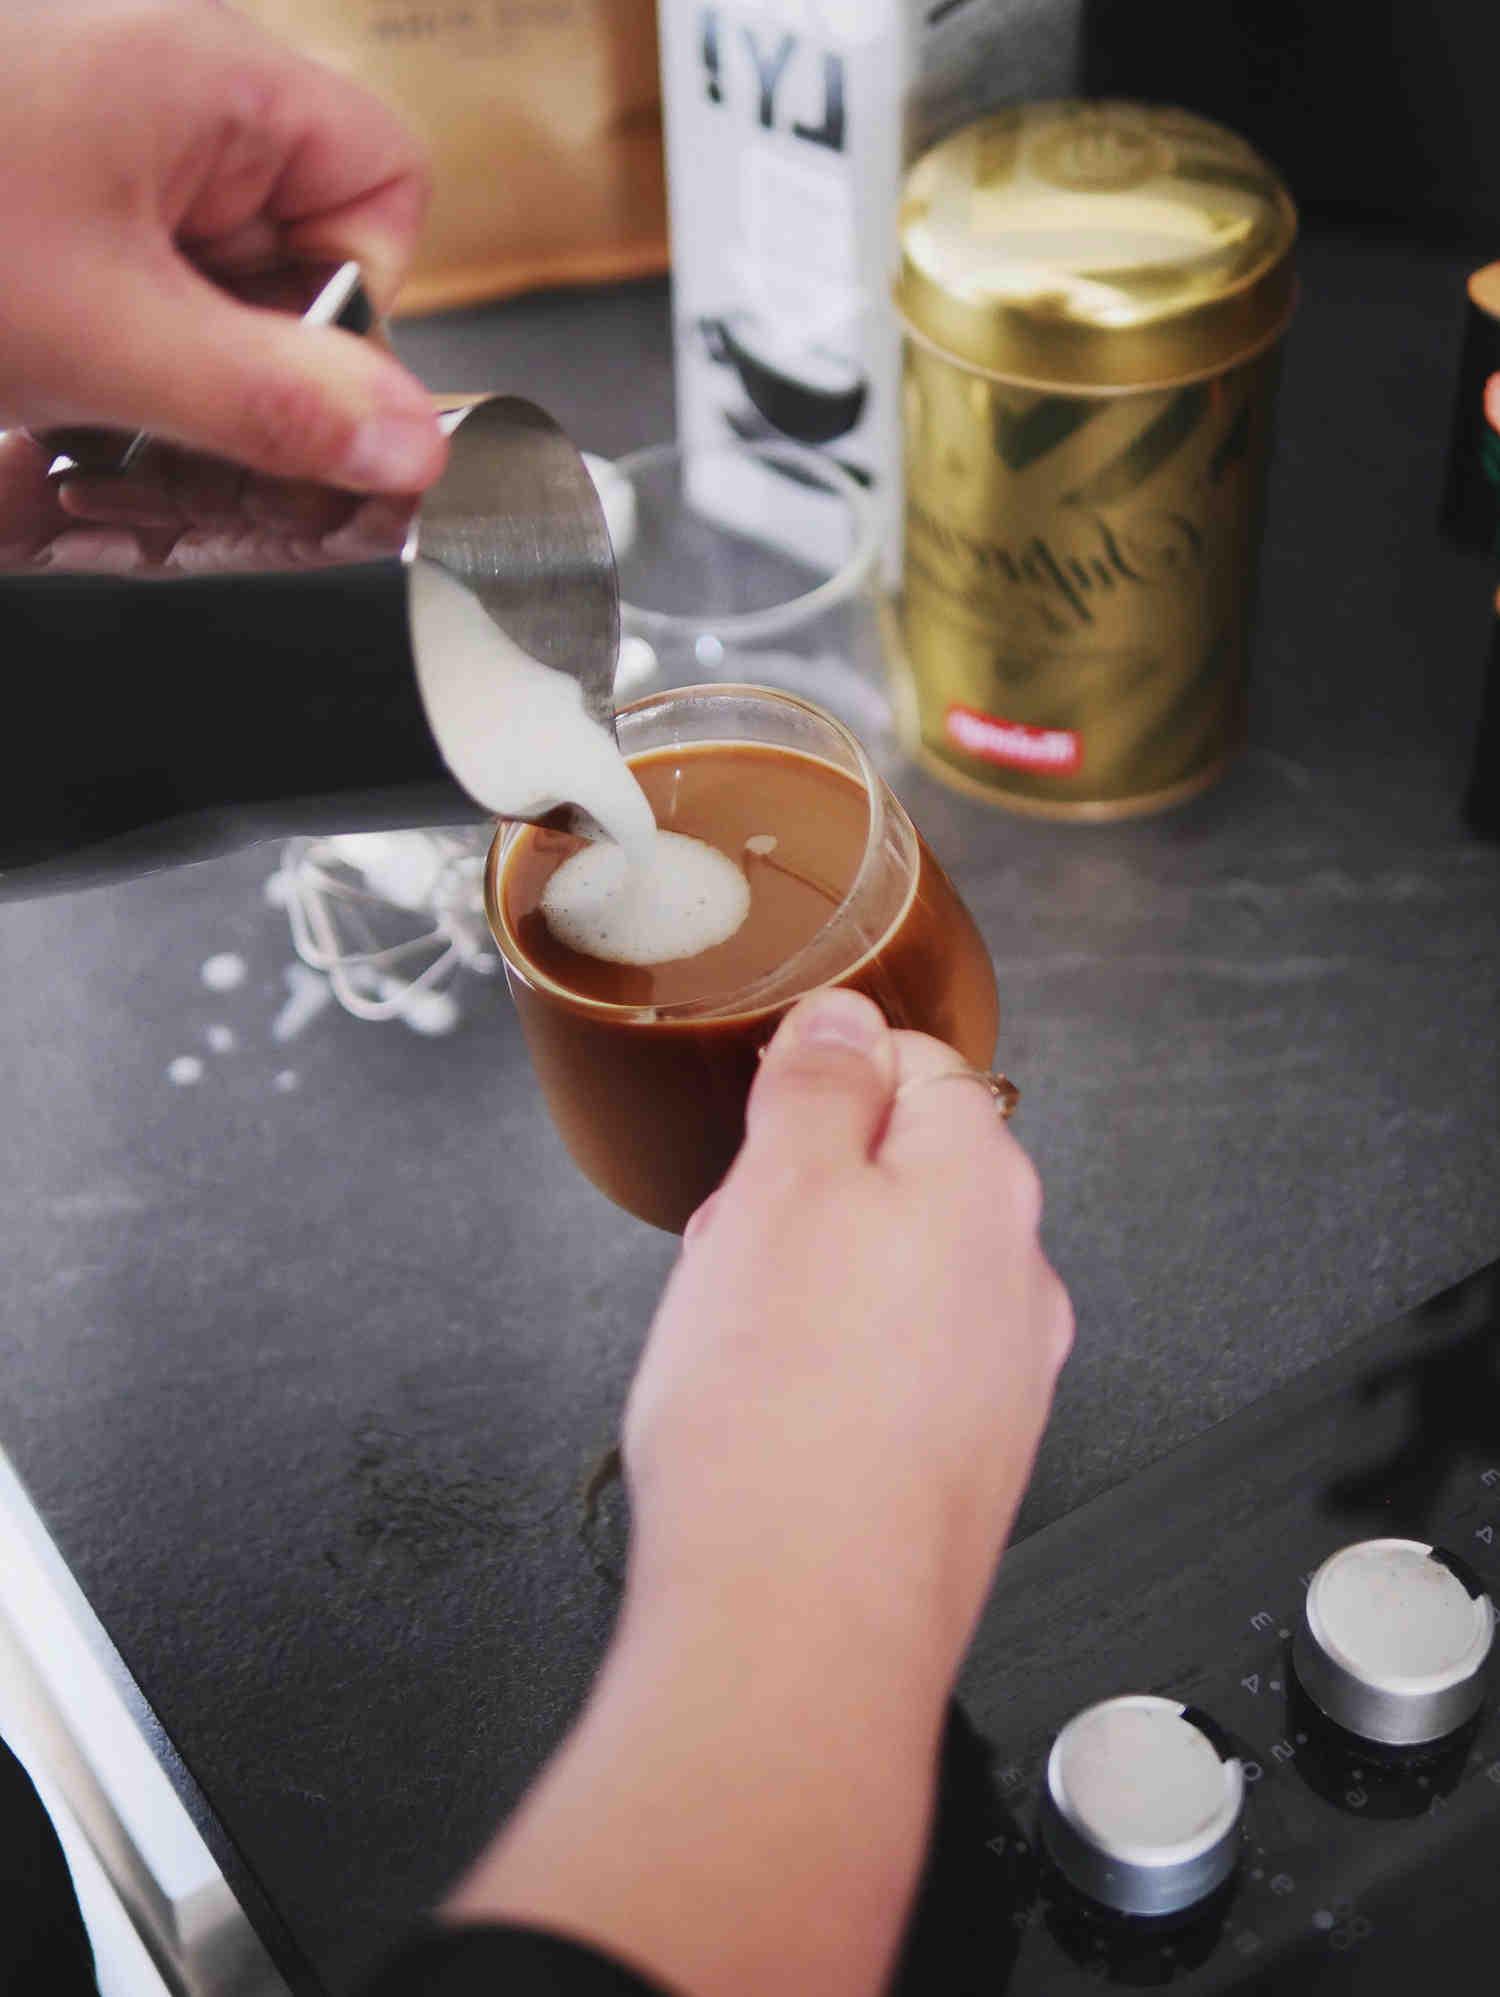 Comment faire un bon café au lait?